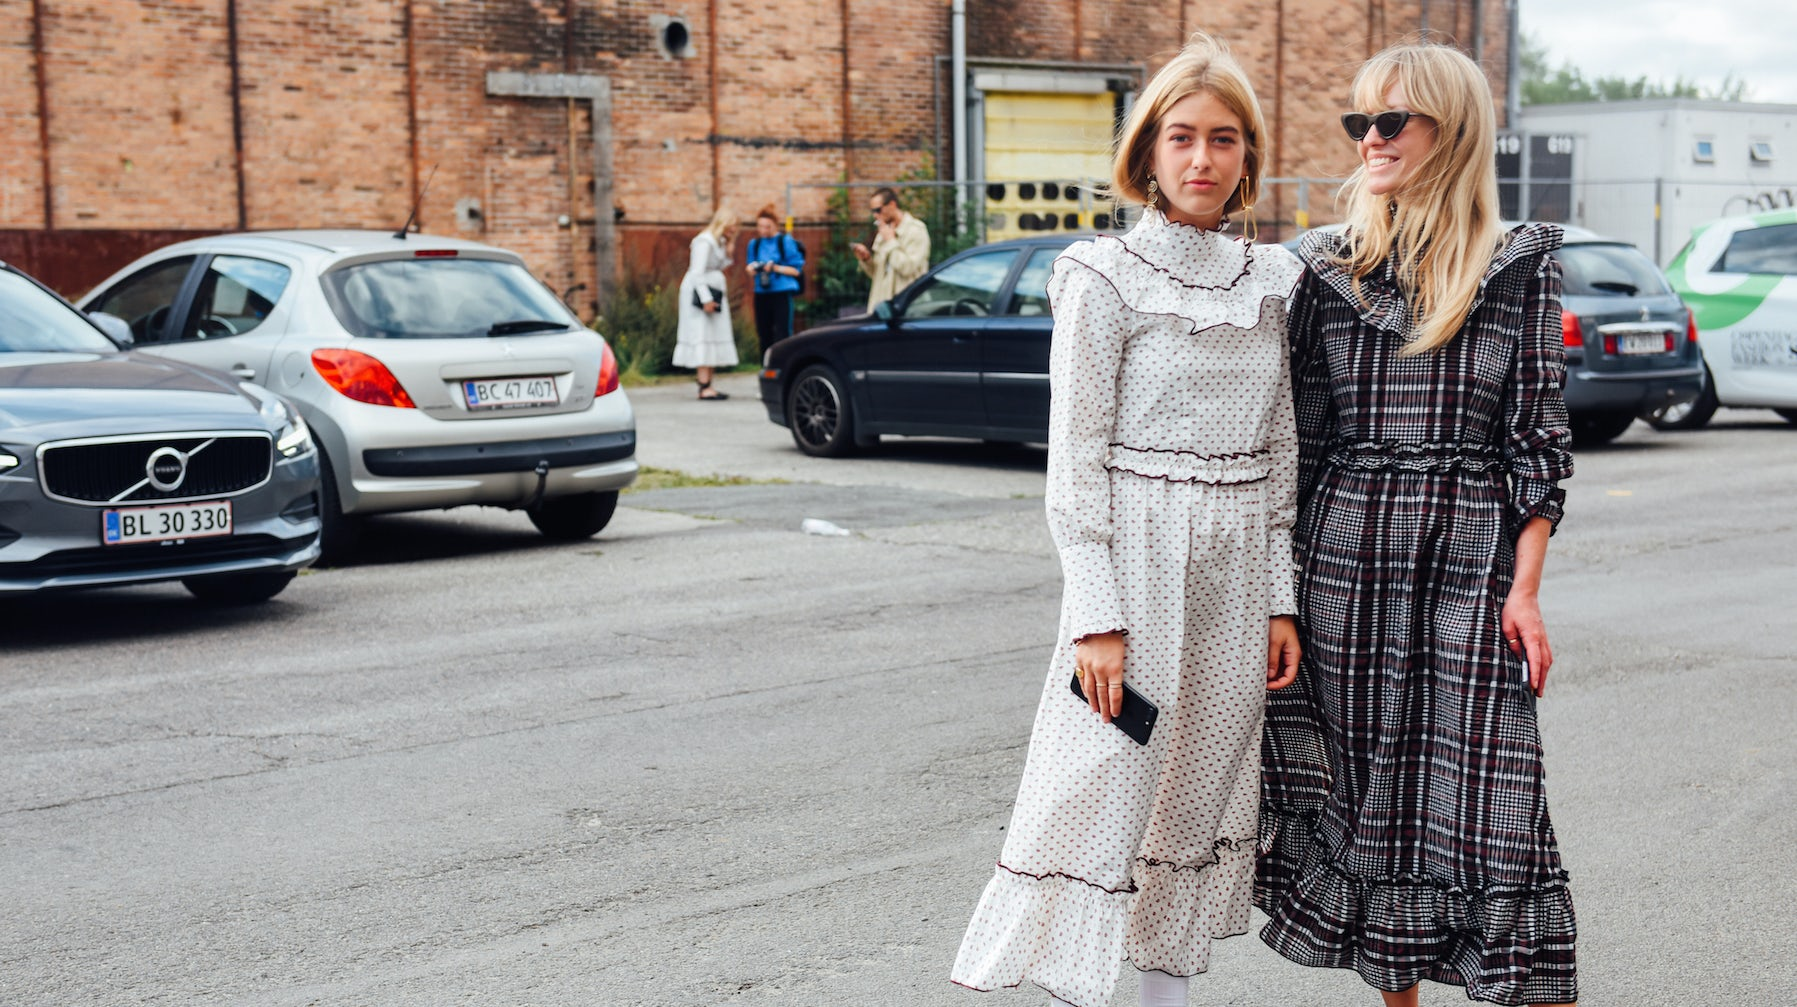 Is the 'Copenhagen Girl' Denmark's Next Big Export?